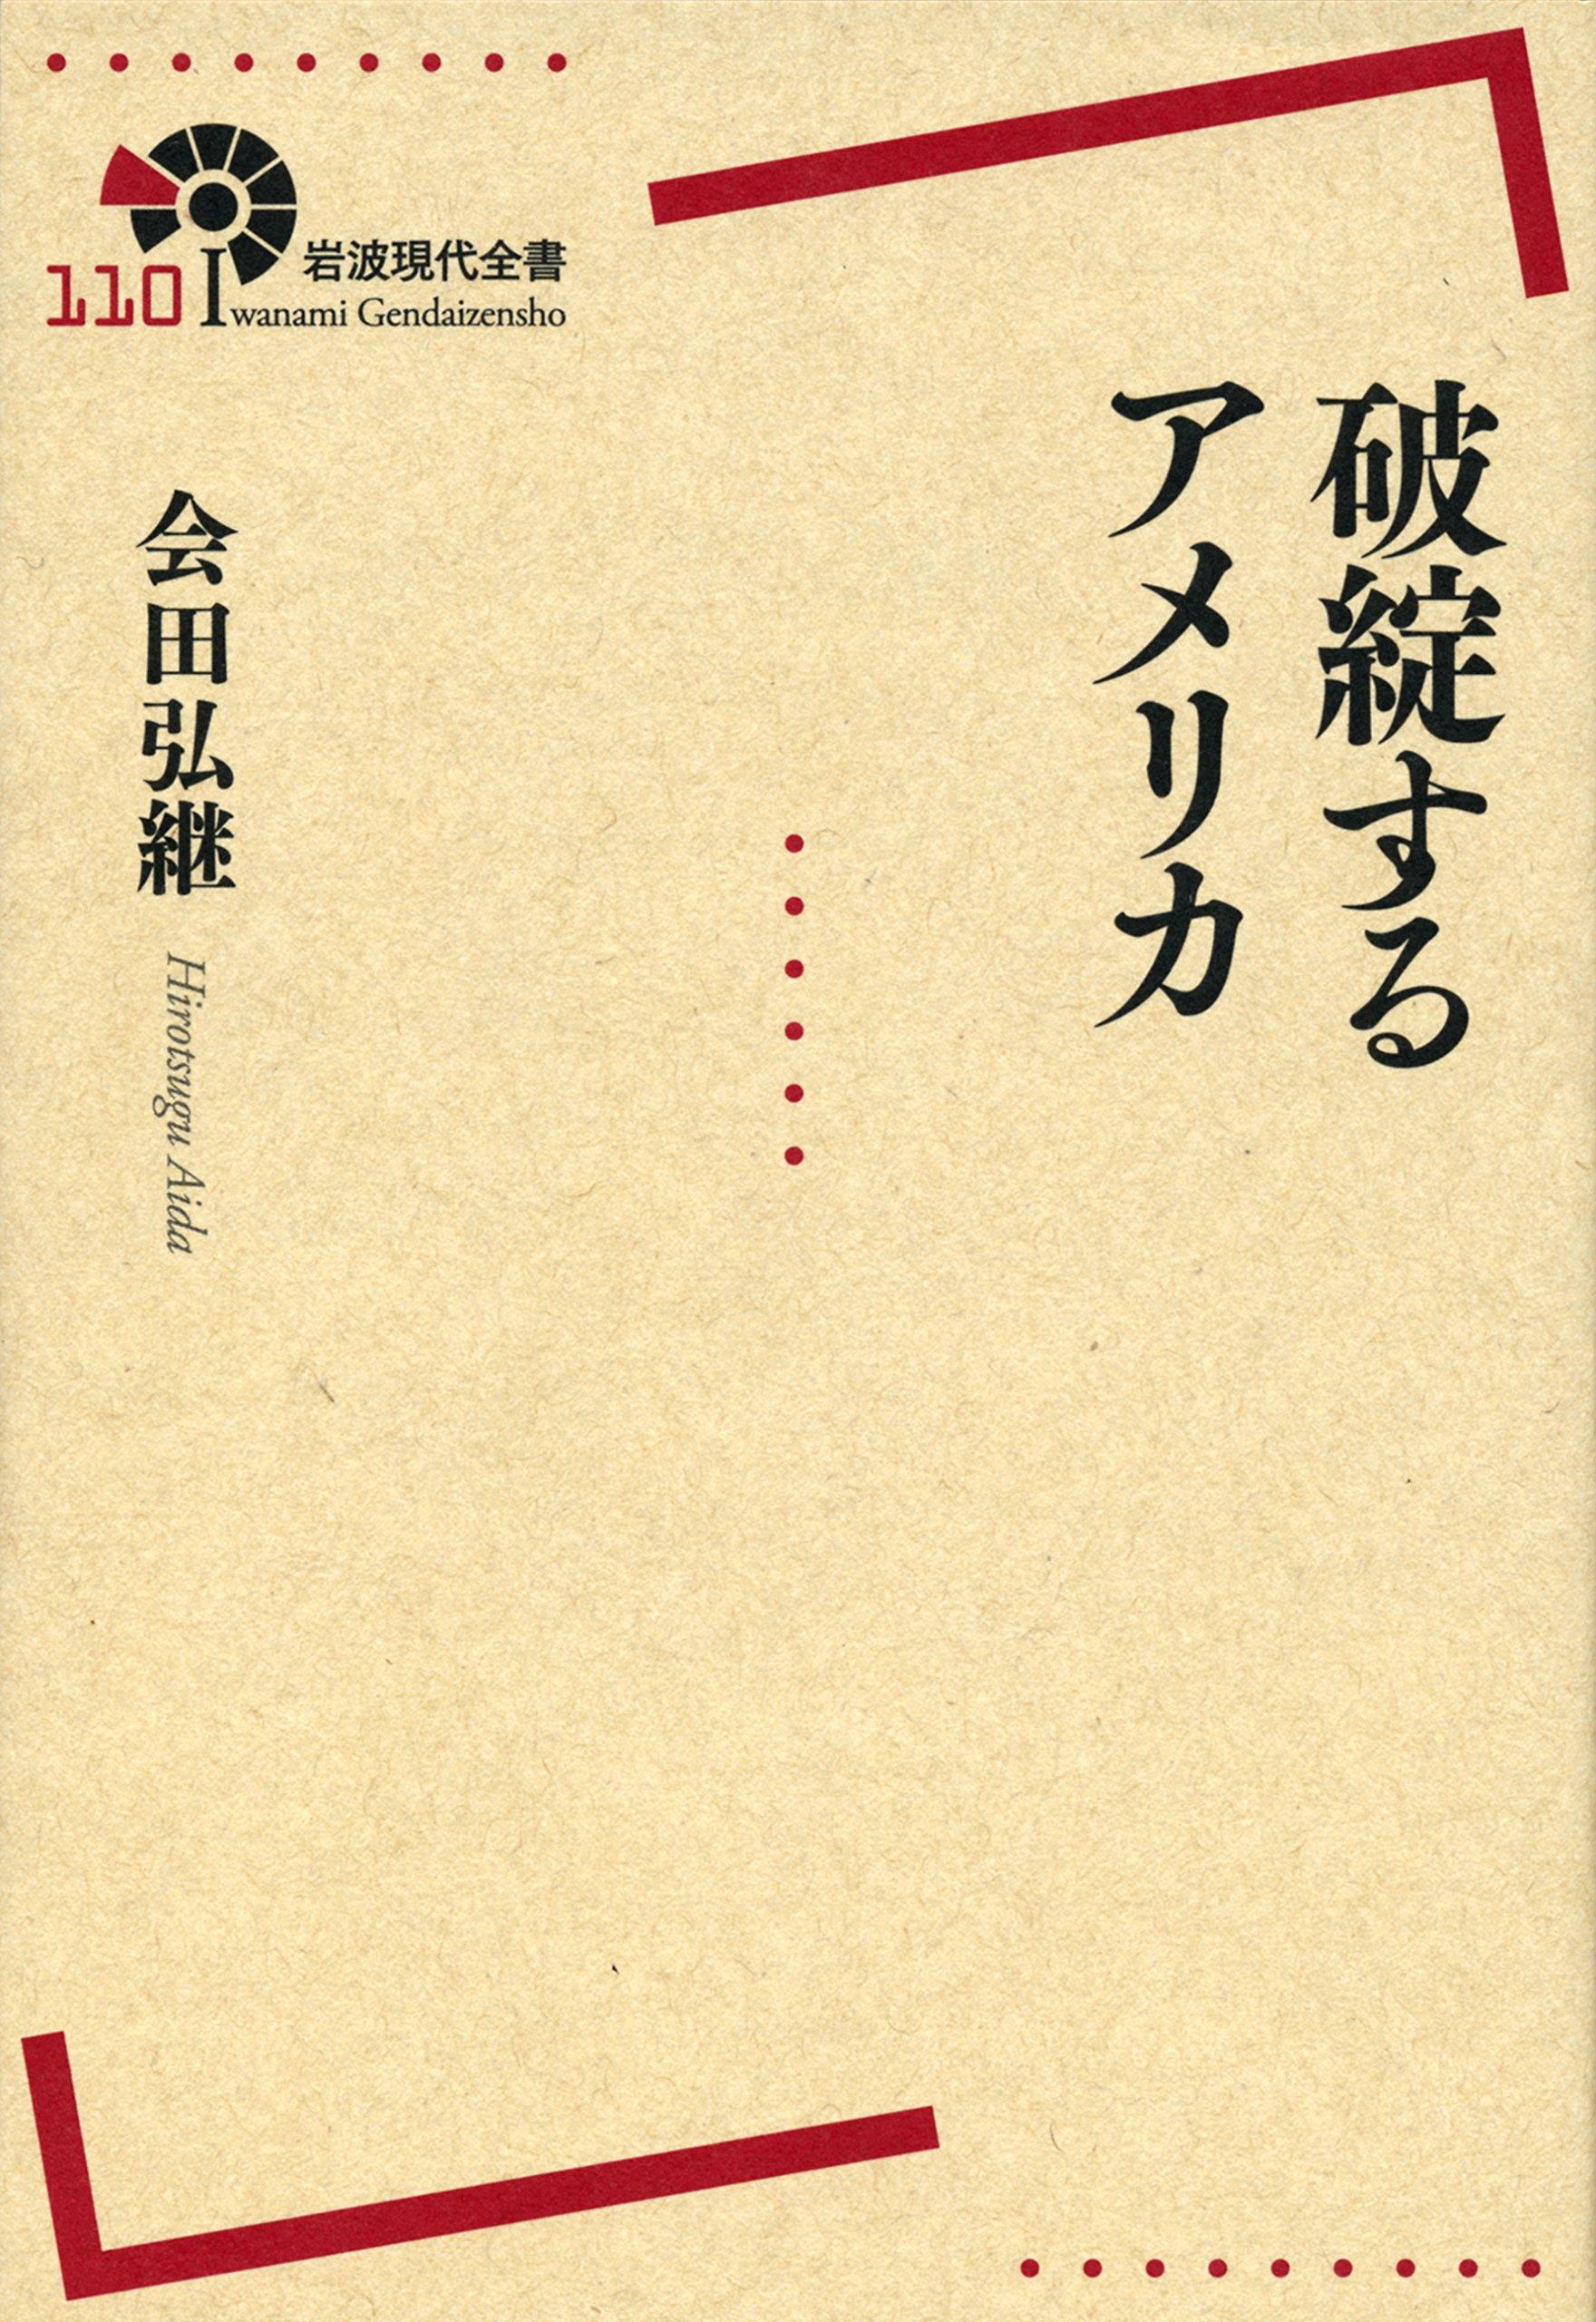 破綻するアメリカ (岩波現代全書) | 会田 弘継 |本 | 通販 | Amazon